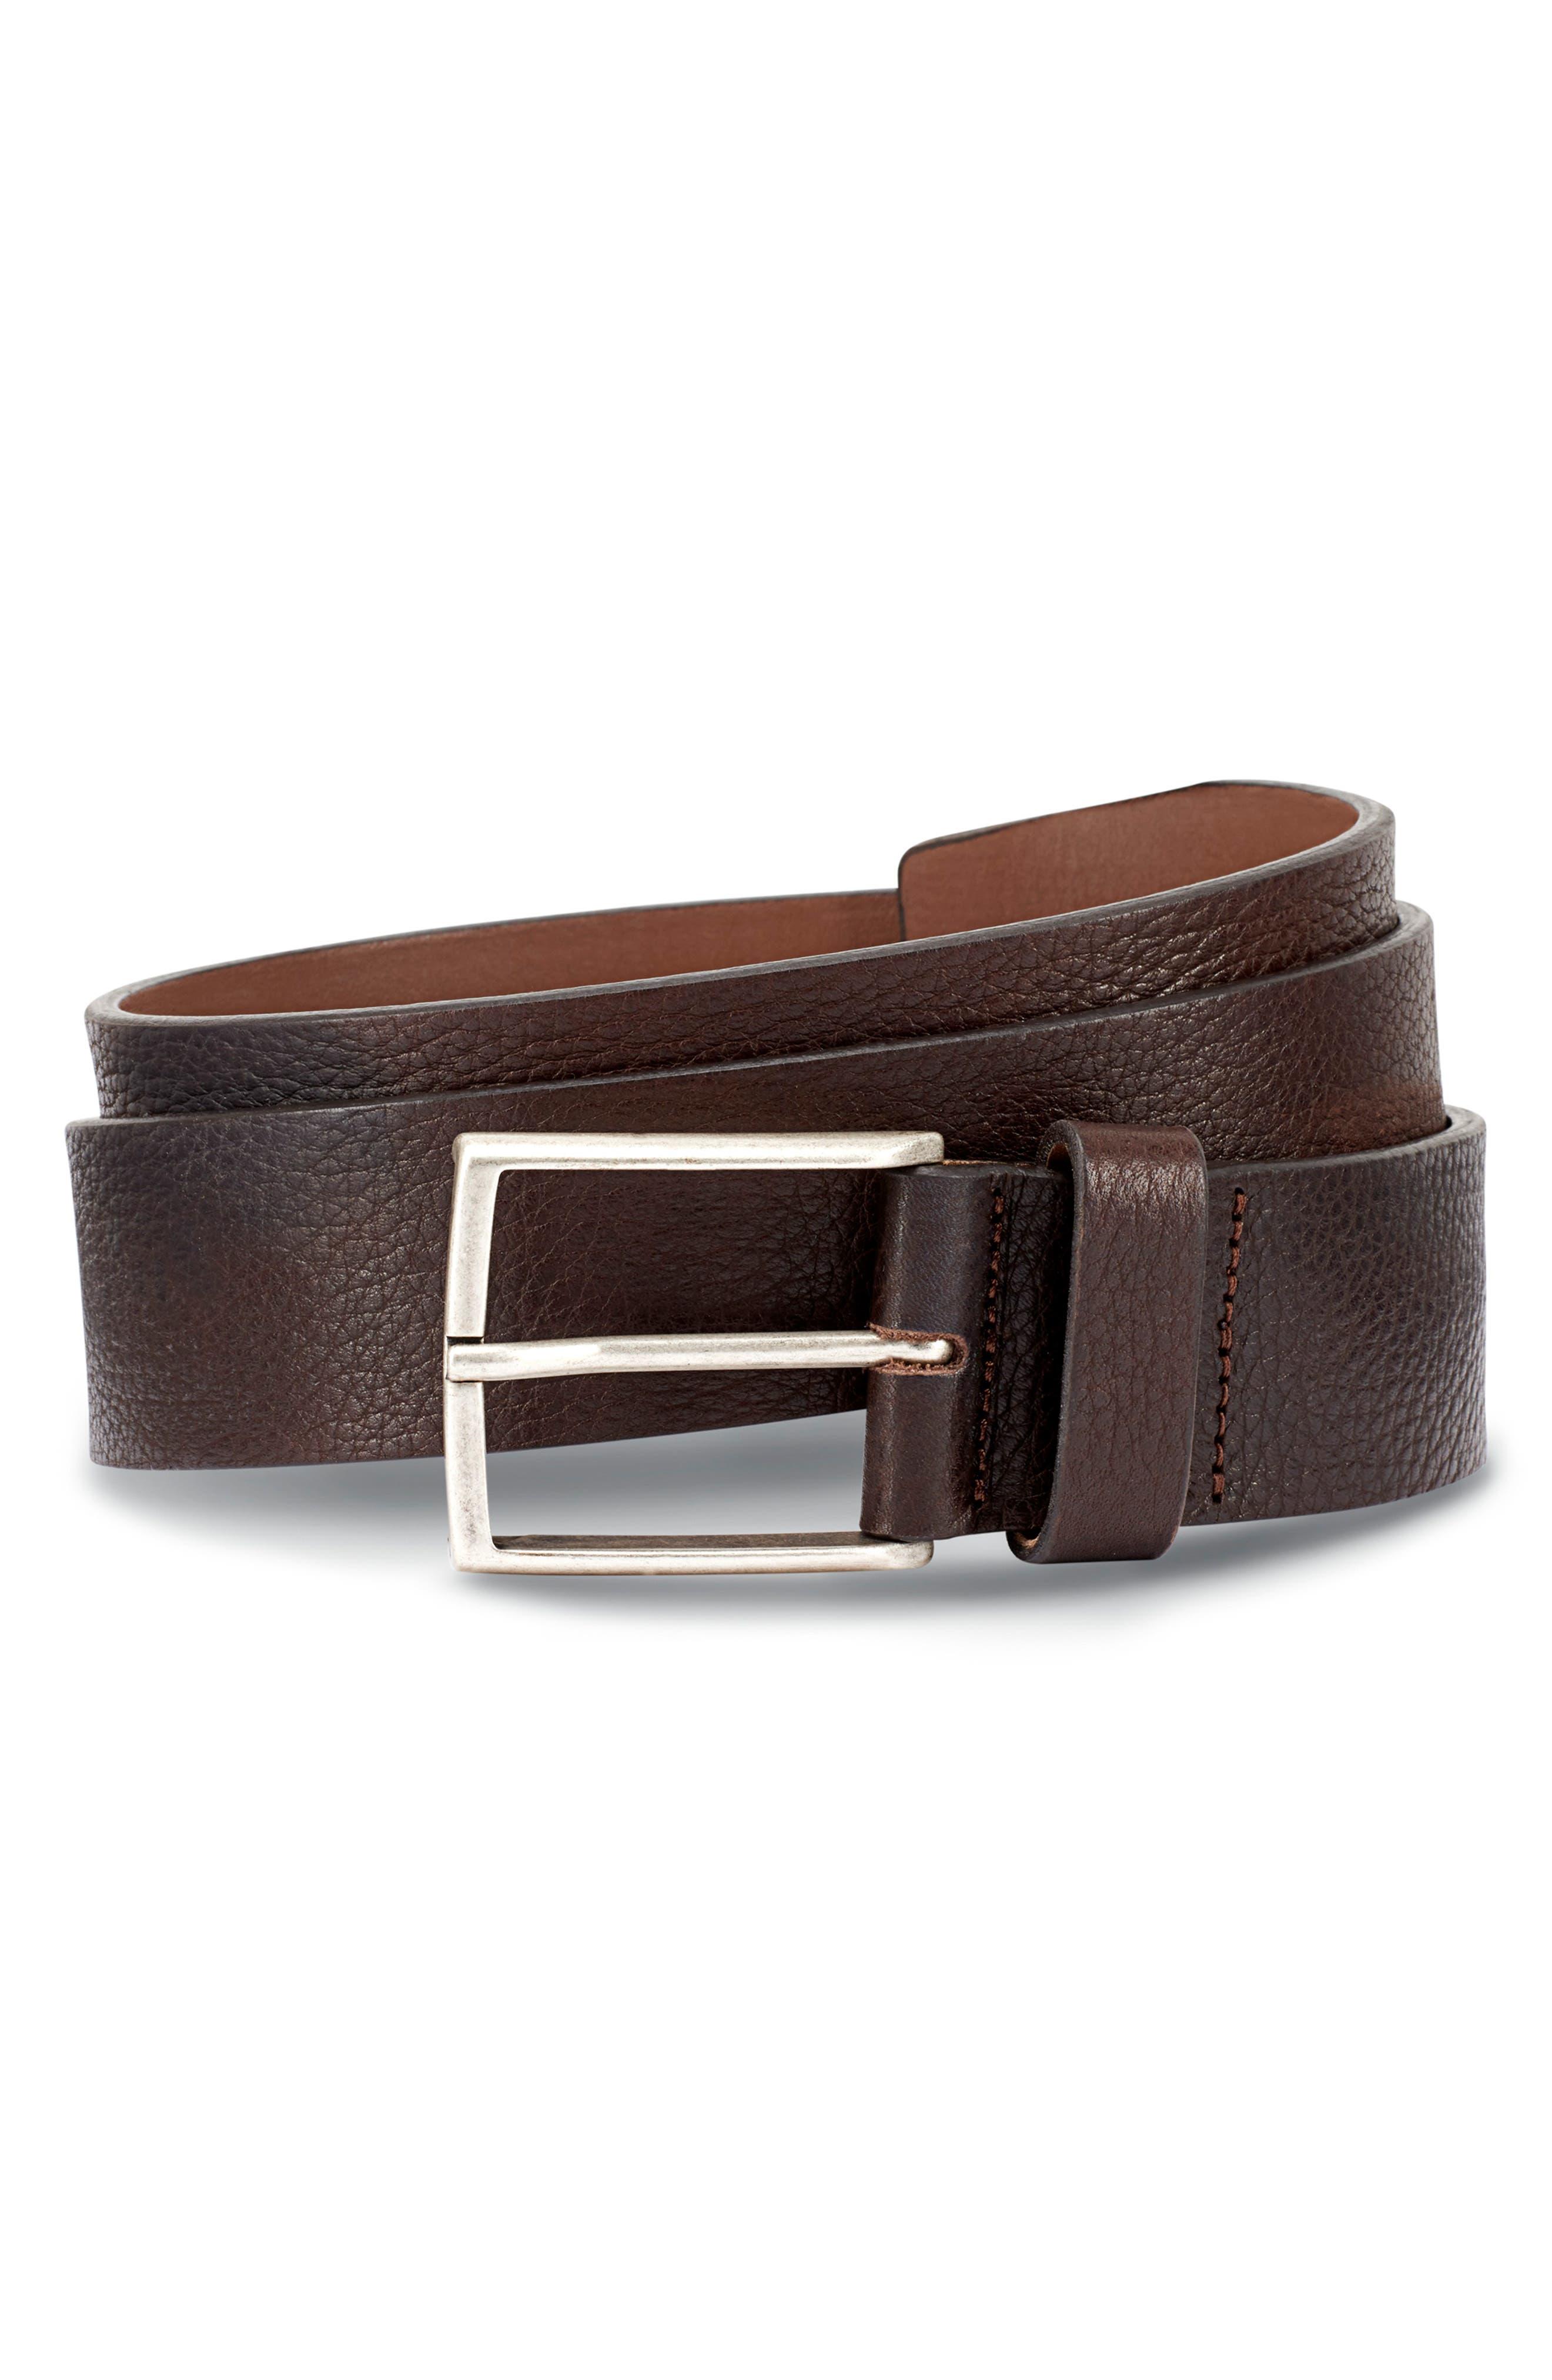 ALLEN EDMONDS, Country Avenue Pebbled Leather Belt, Main thumbnail 1, color, BROWN